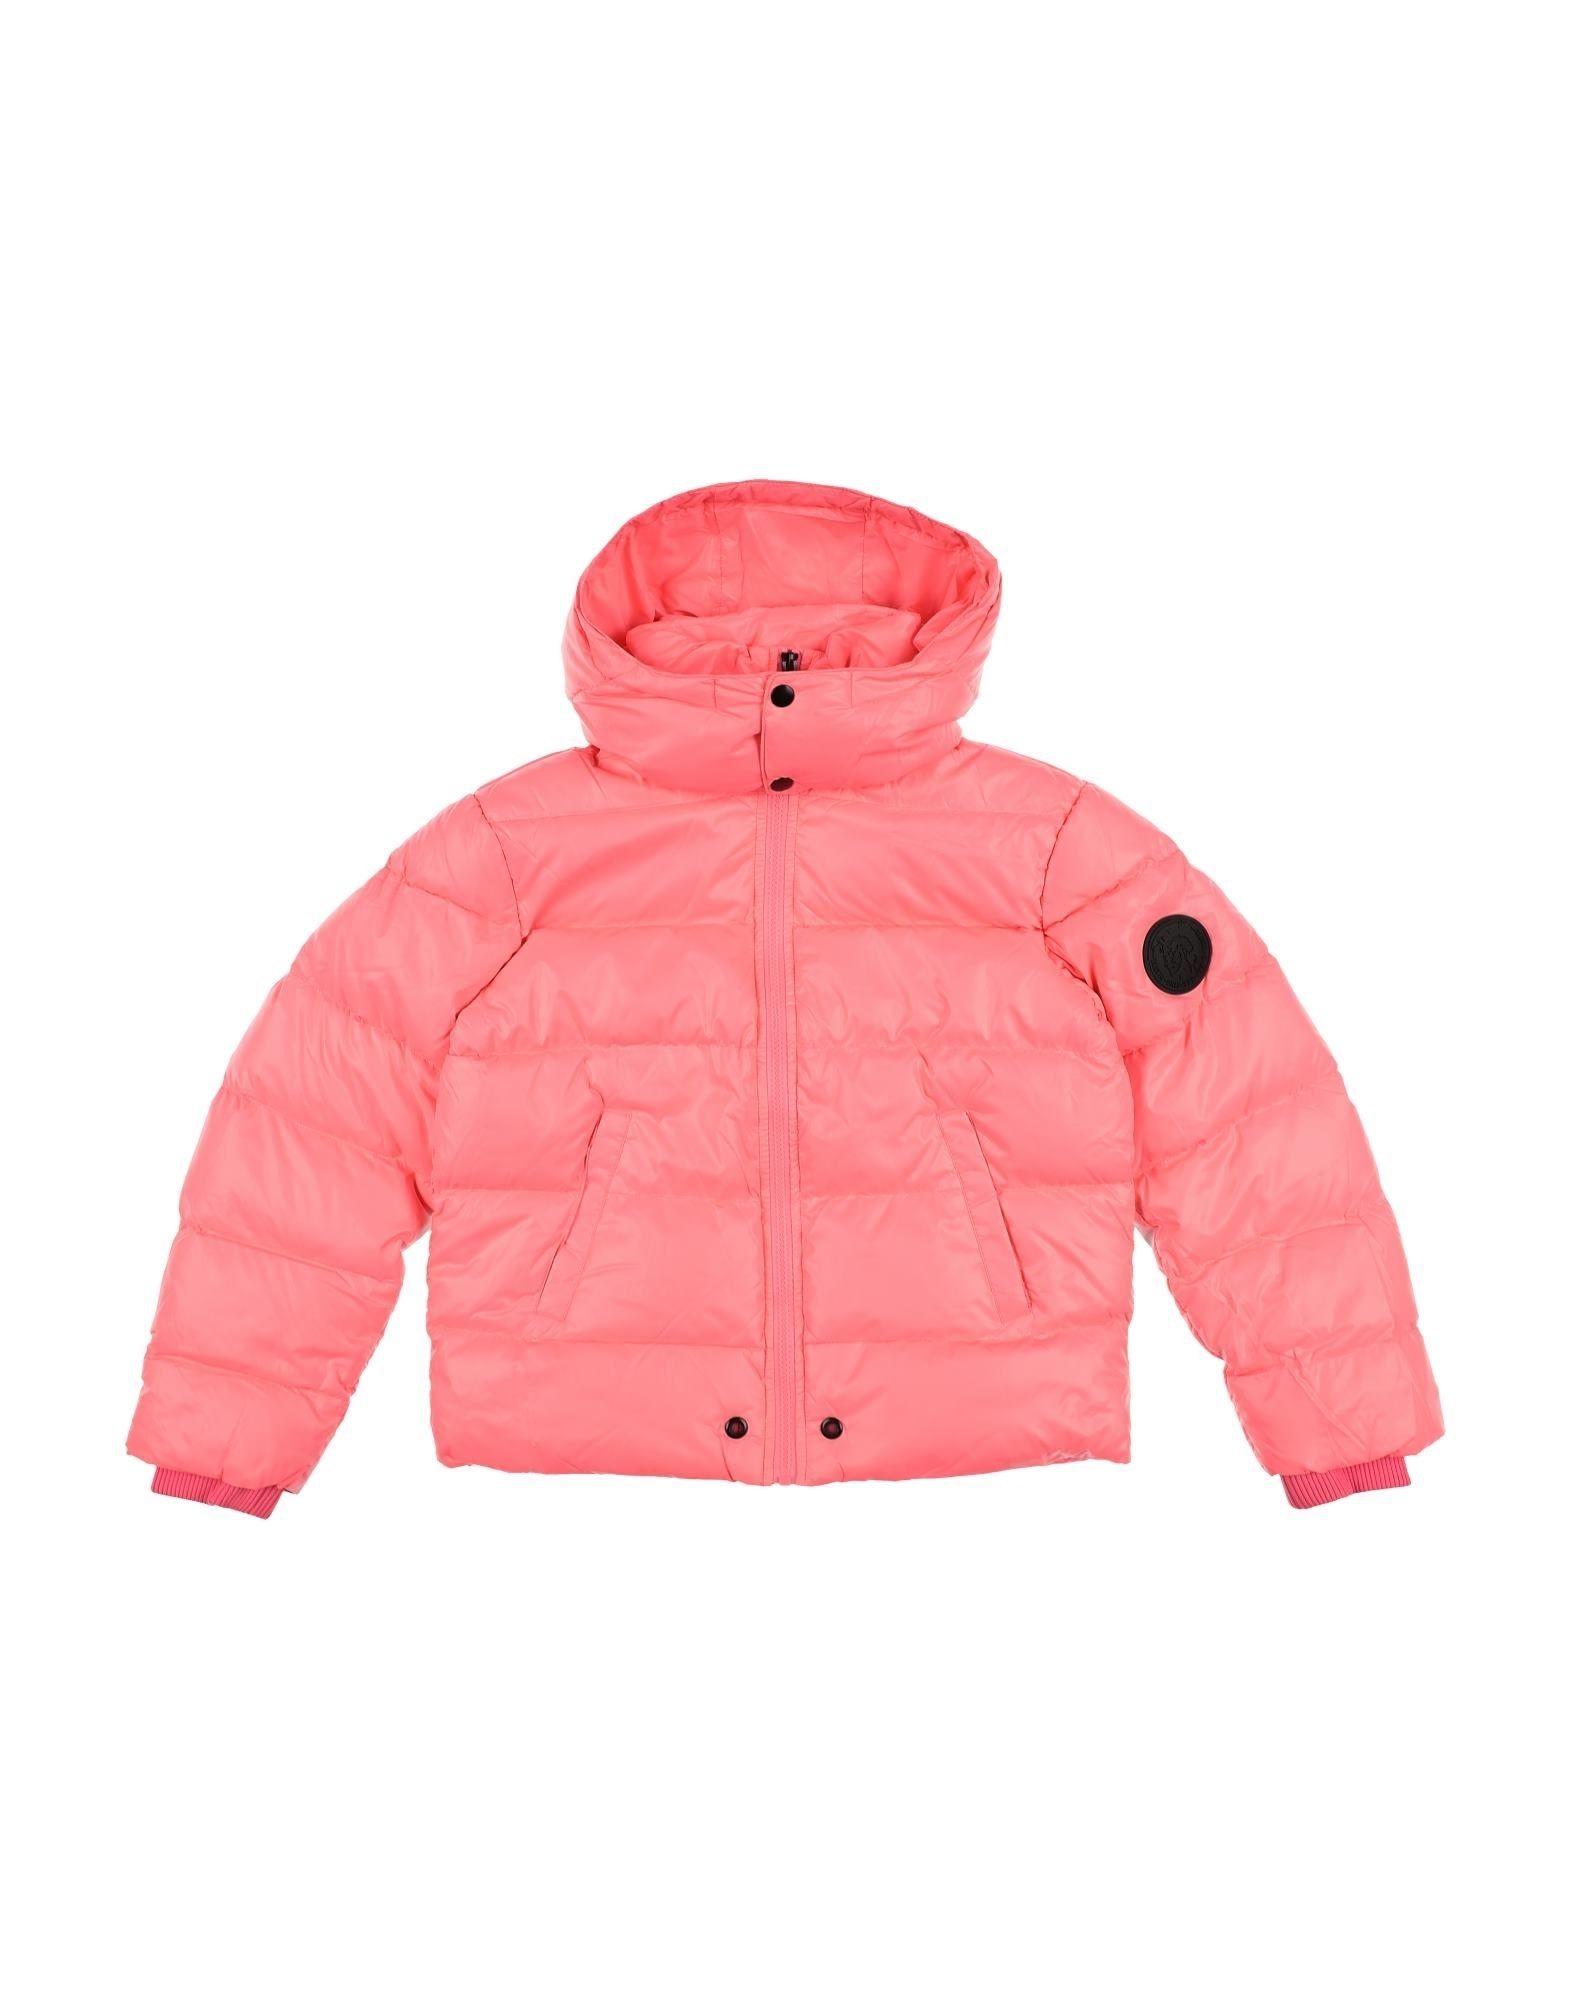 DIESEL Down jackets - Item 41950947